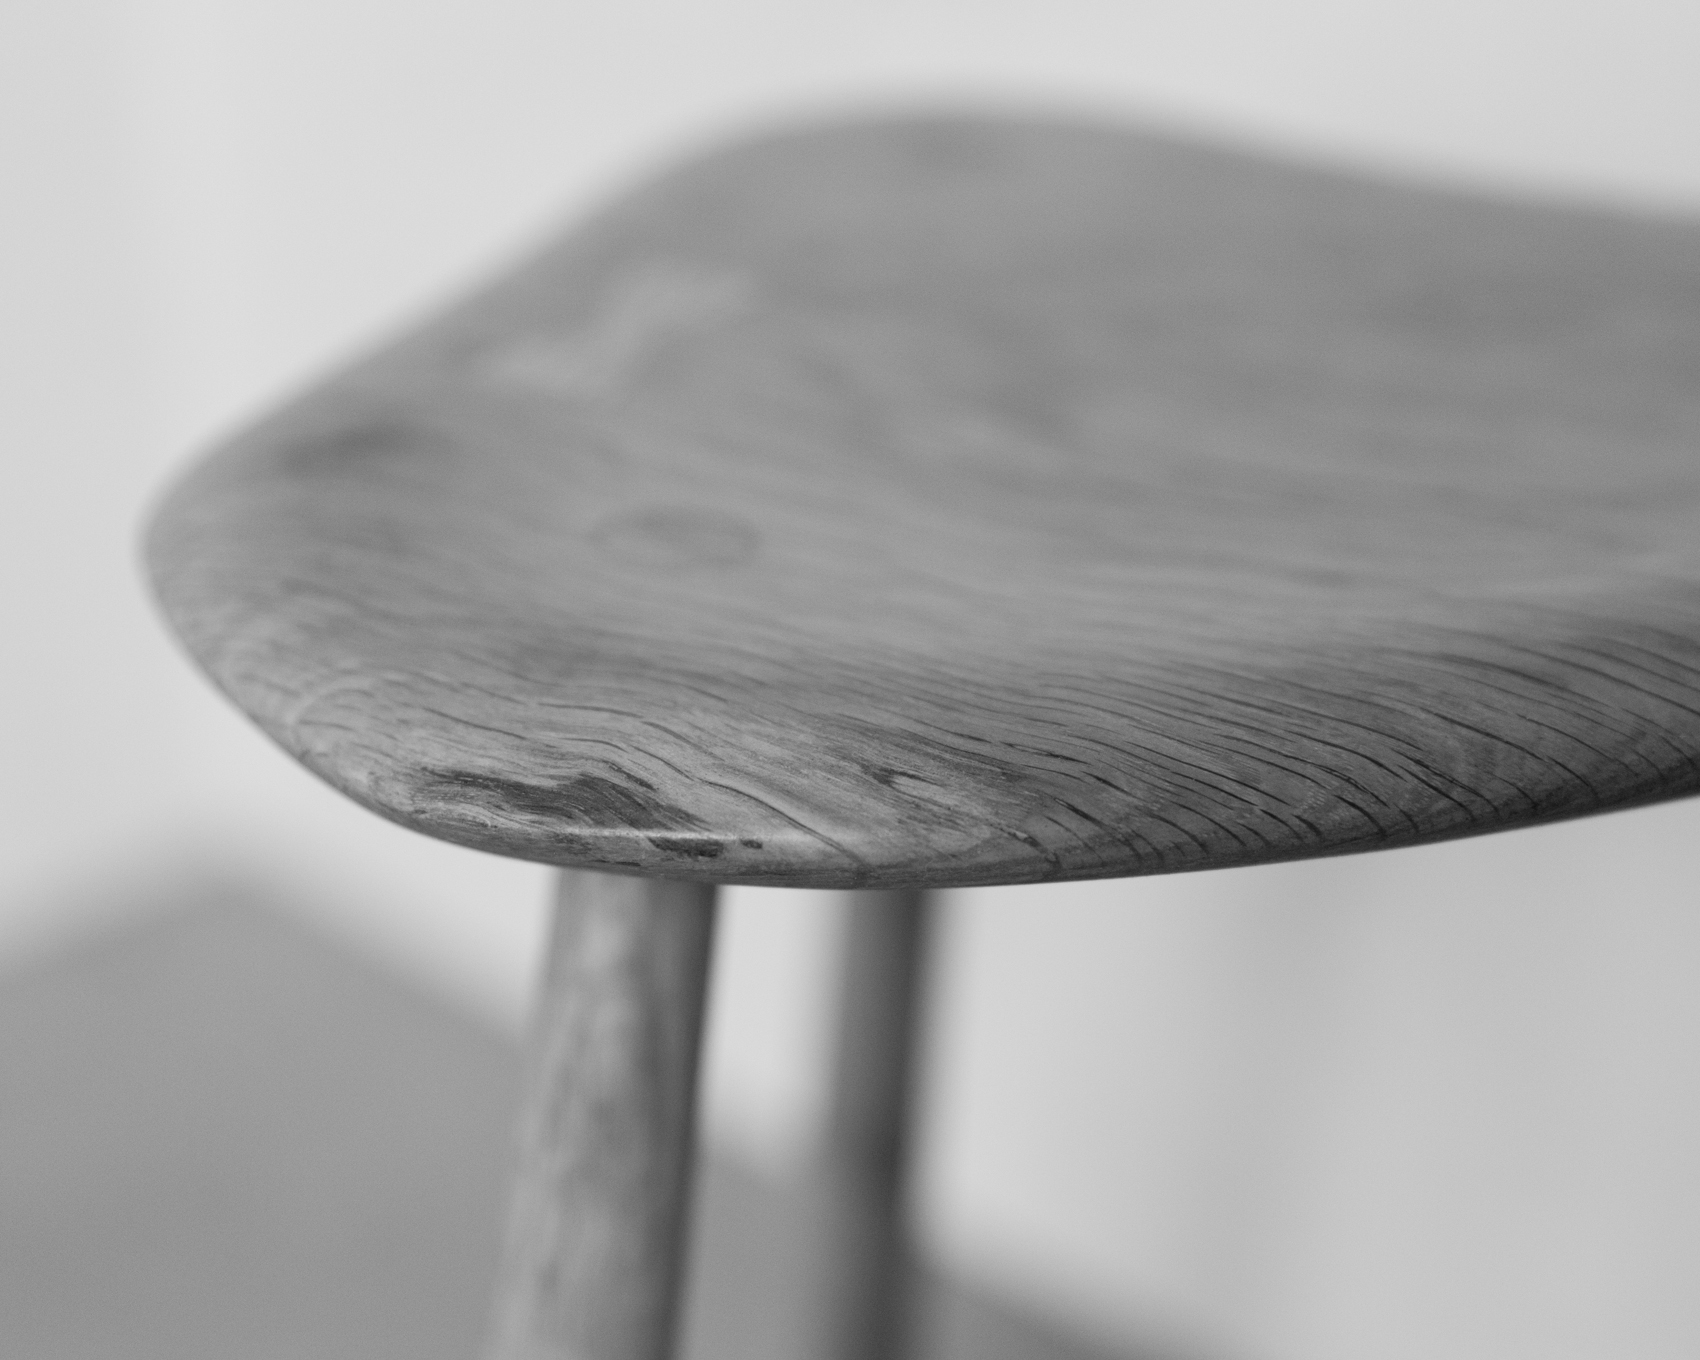 stools-3.jpg